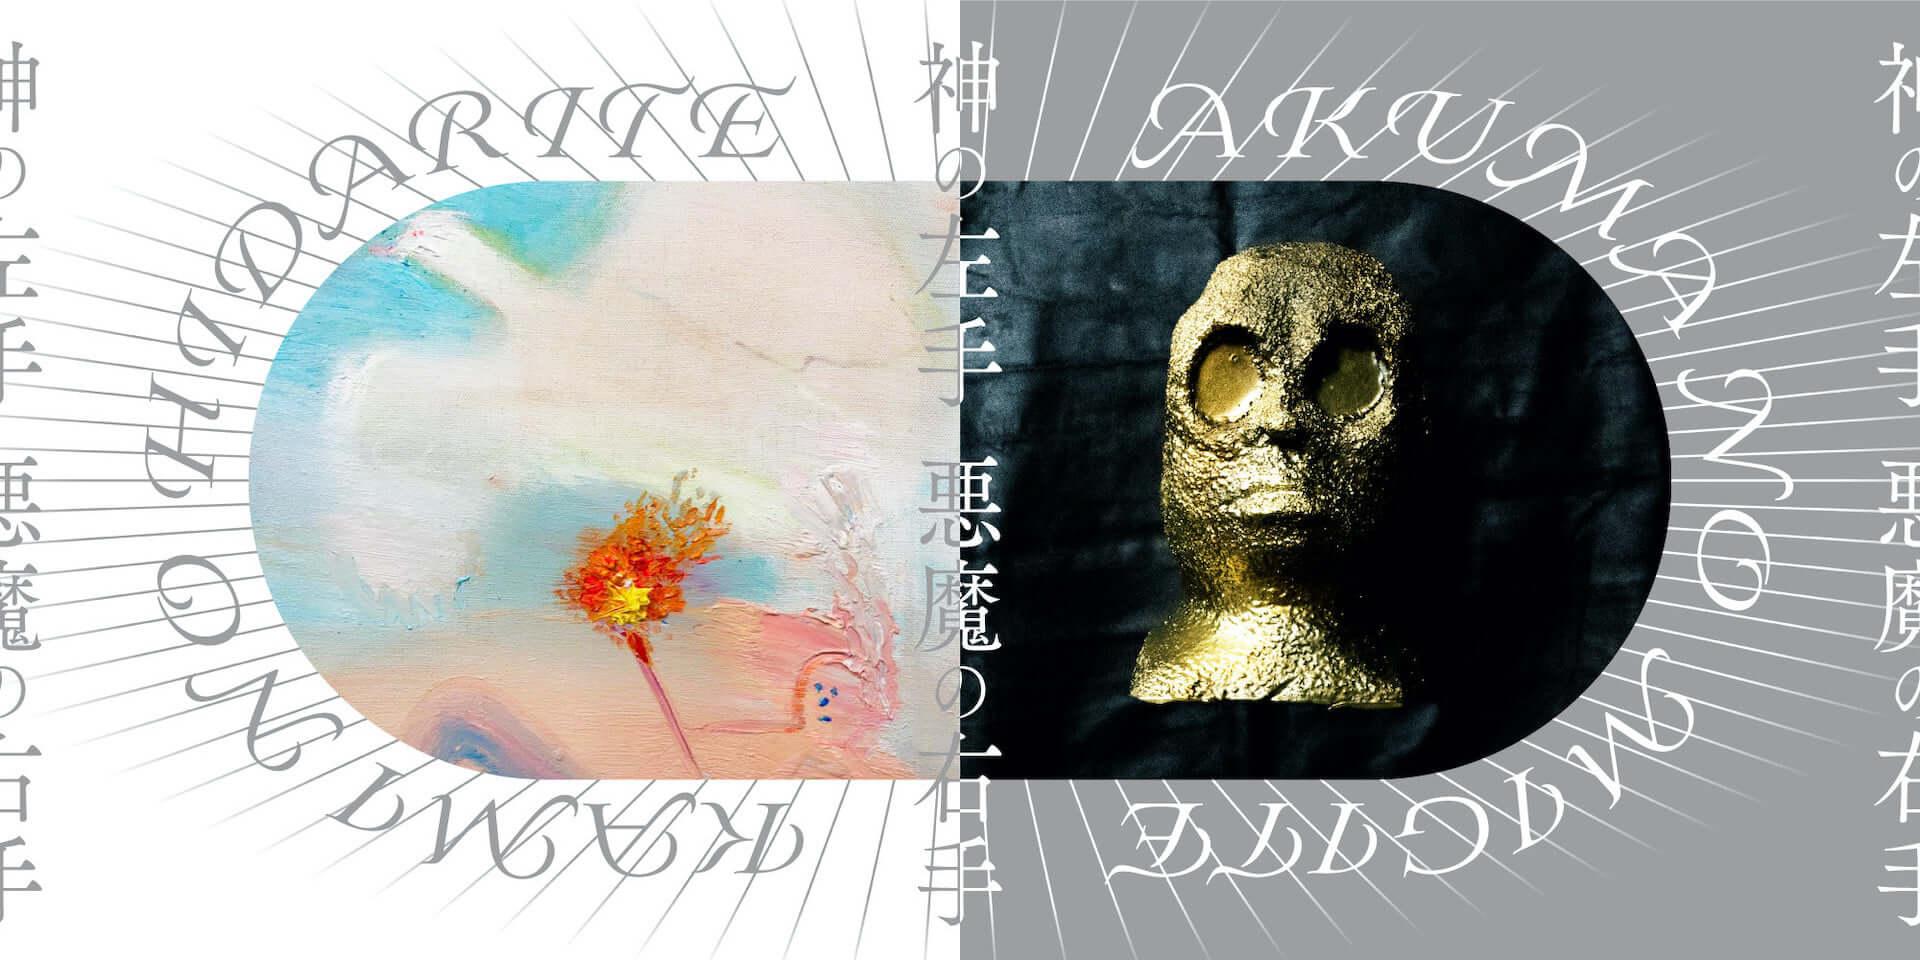 京都、奈良を拠点とする東慎也、米村優人の作品展<神の左手 悪魔の右手>が渋谷EUKARYOTEにて開催! art200722_eukaryote_7-1920x960